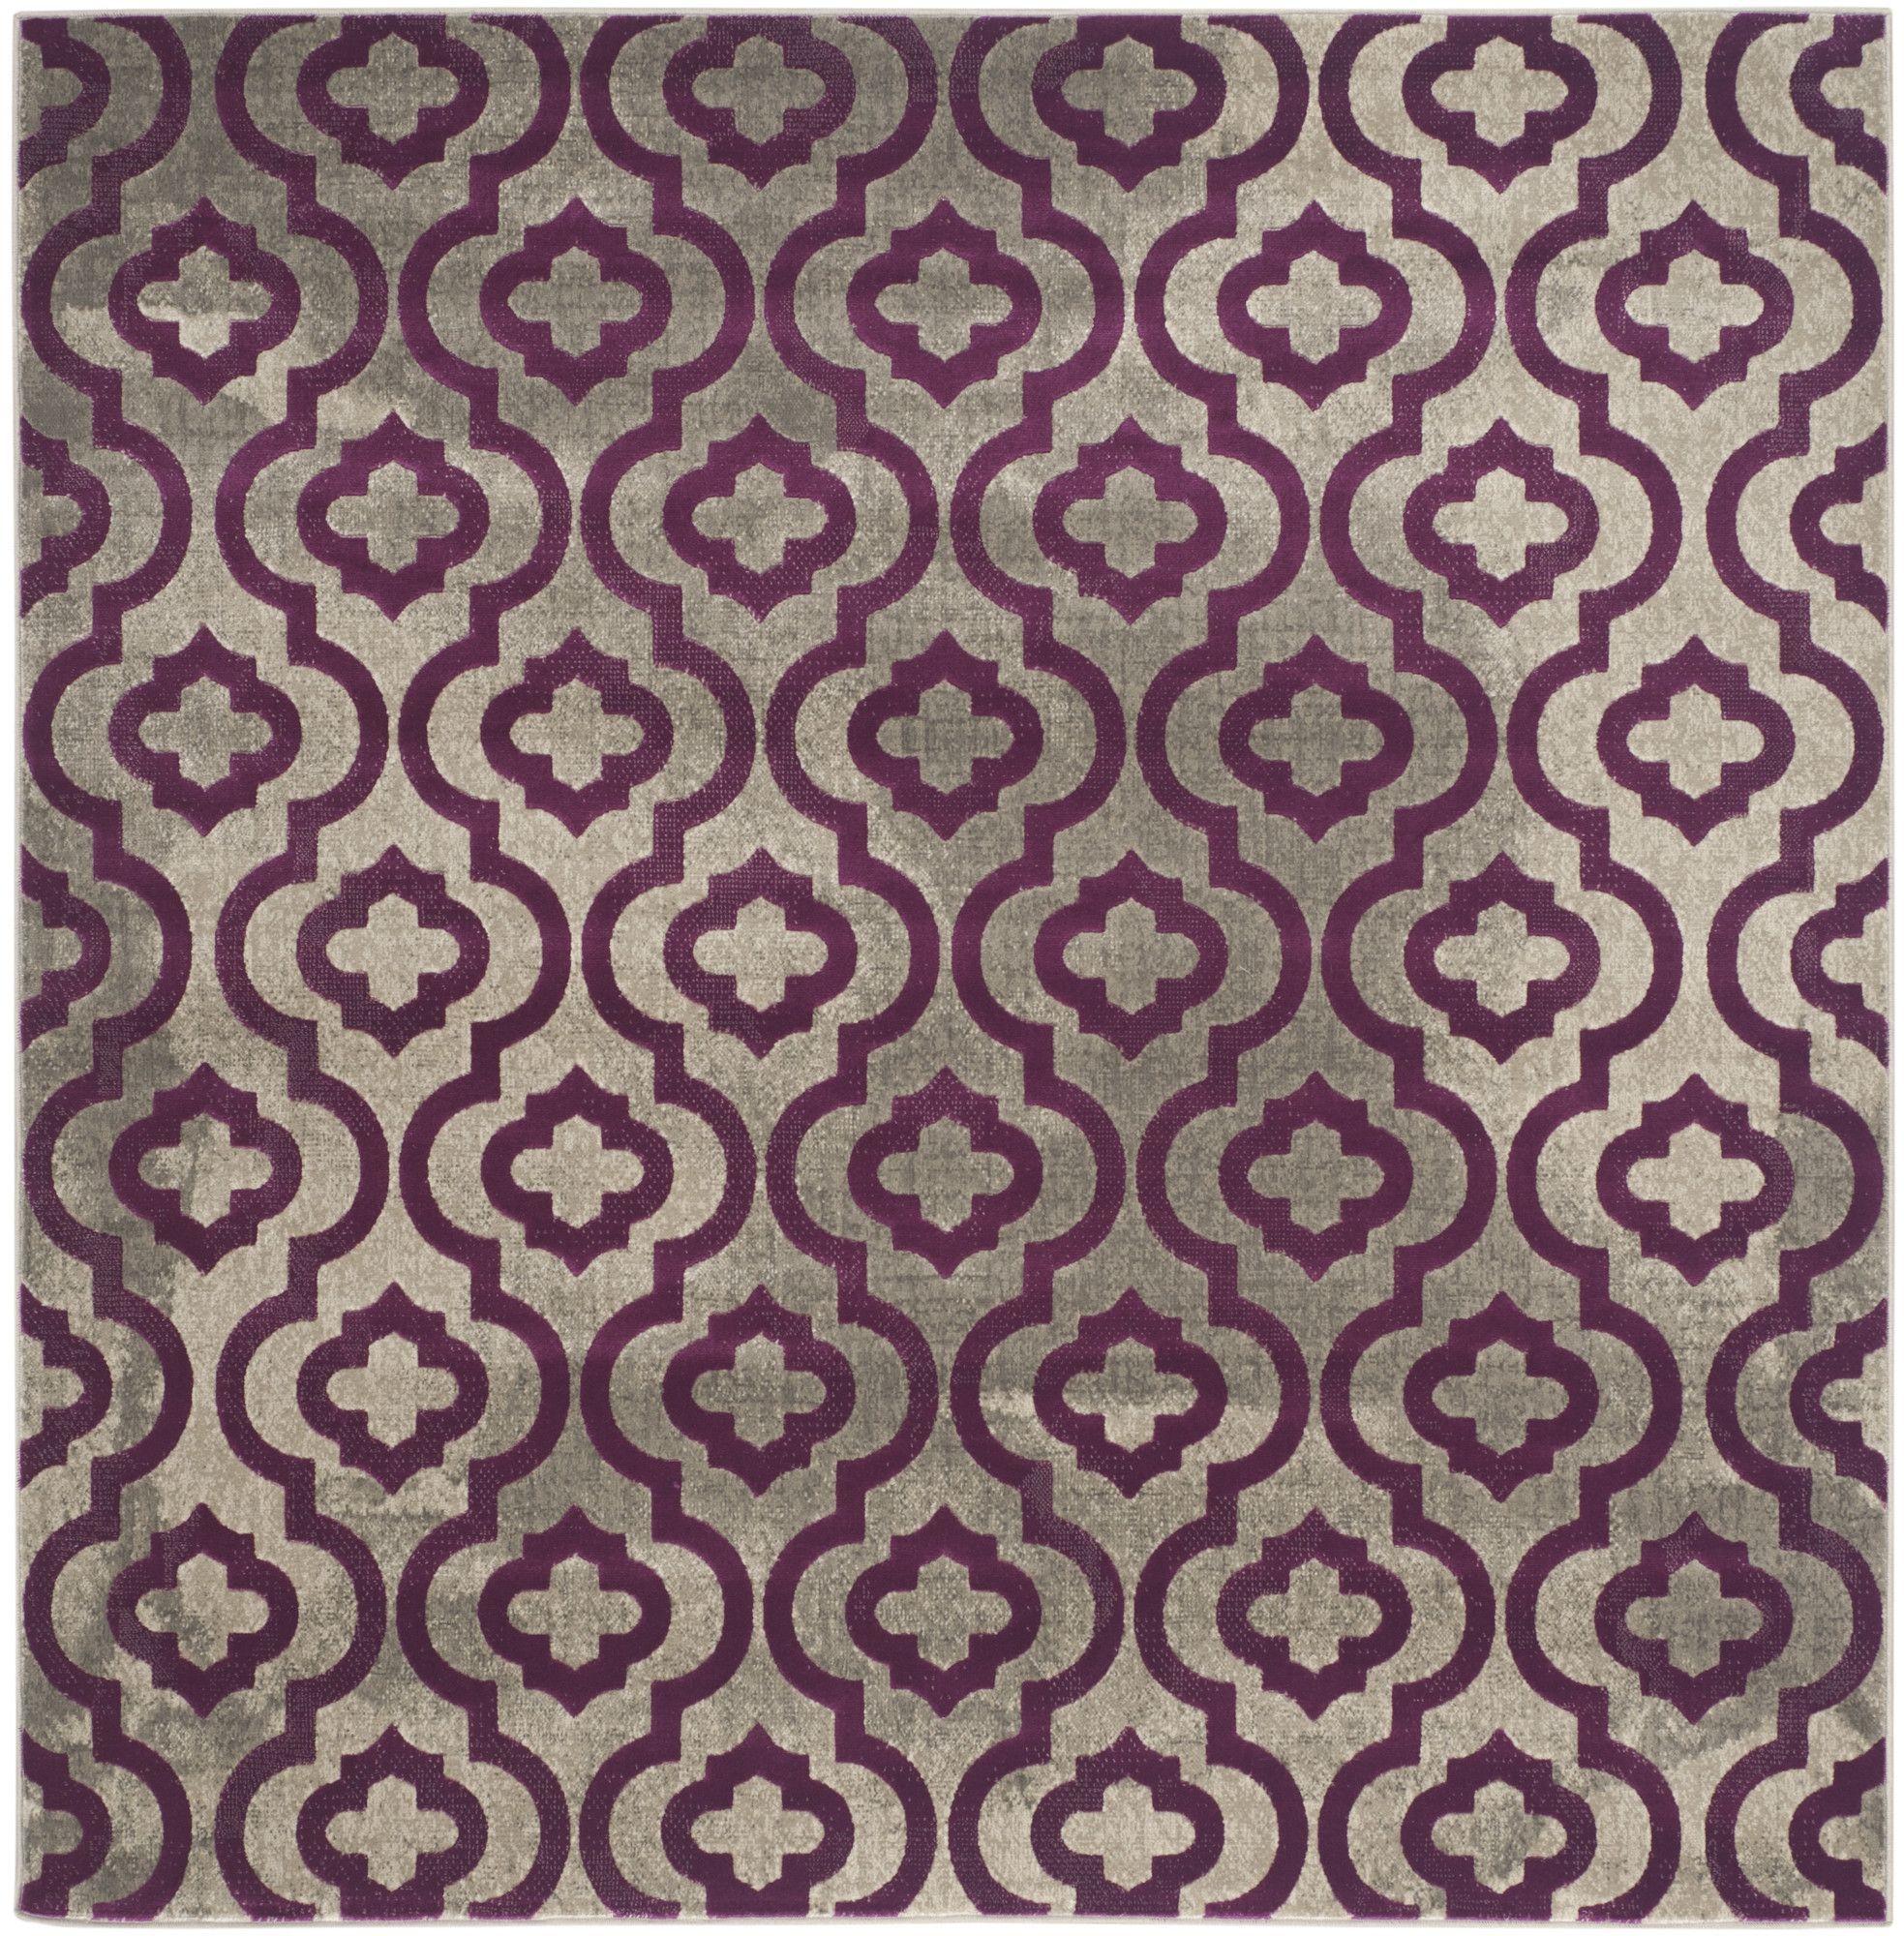 Porcello Light Gray & Purple Area Rug